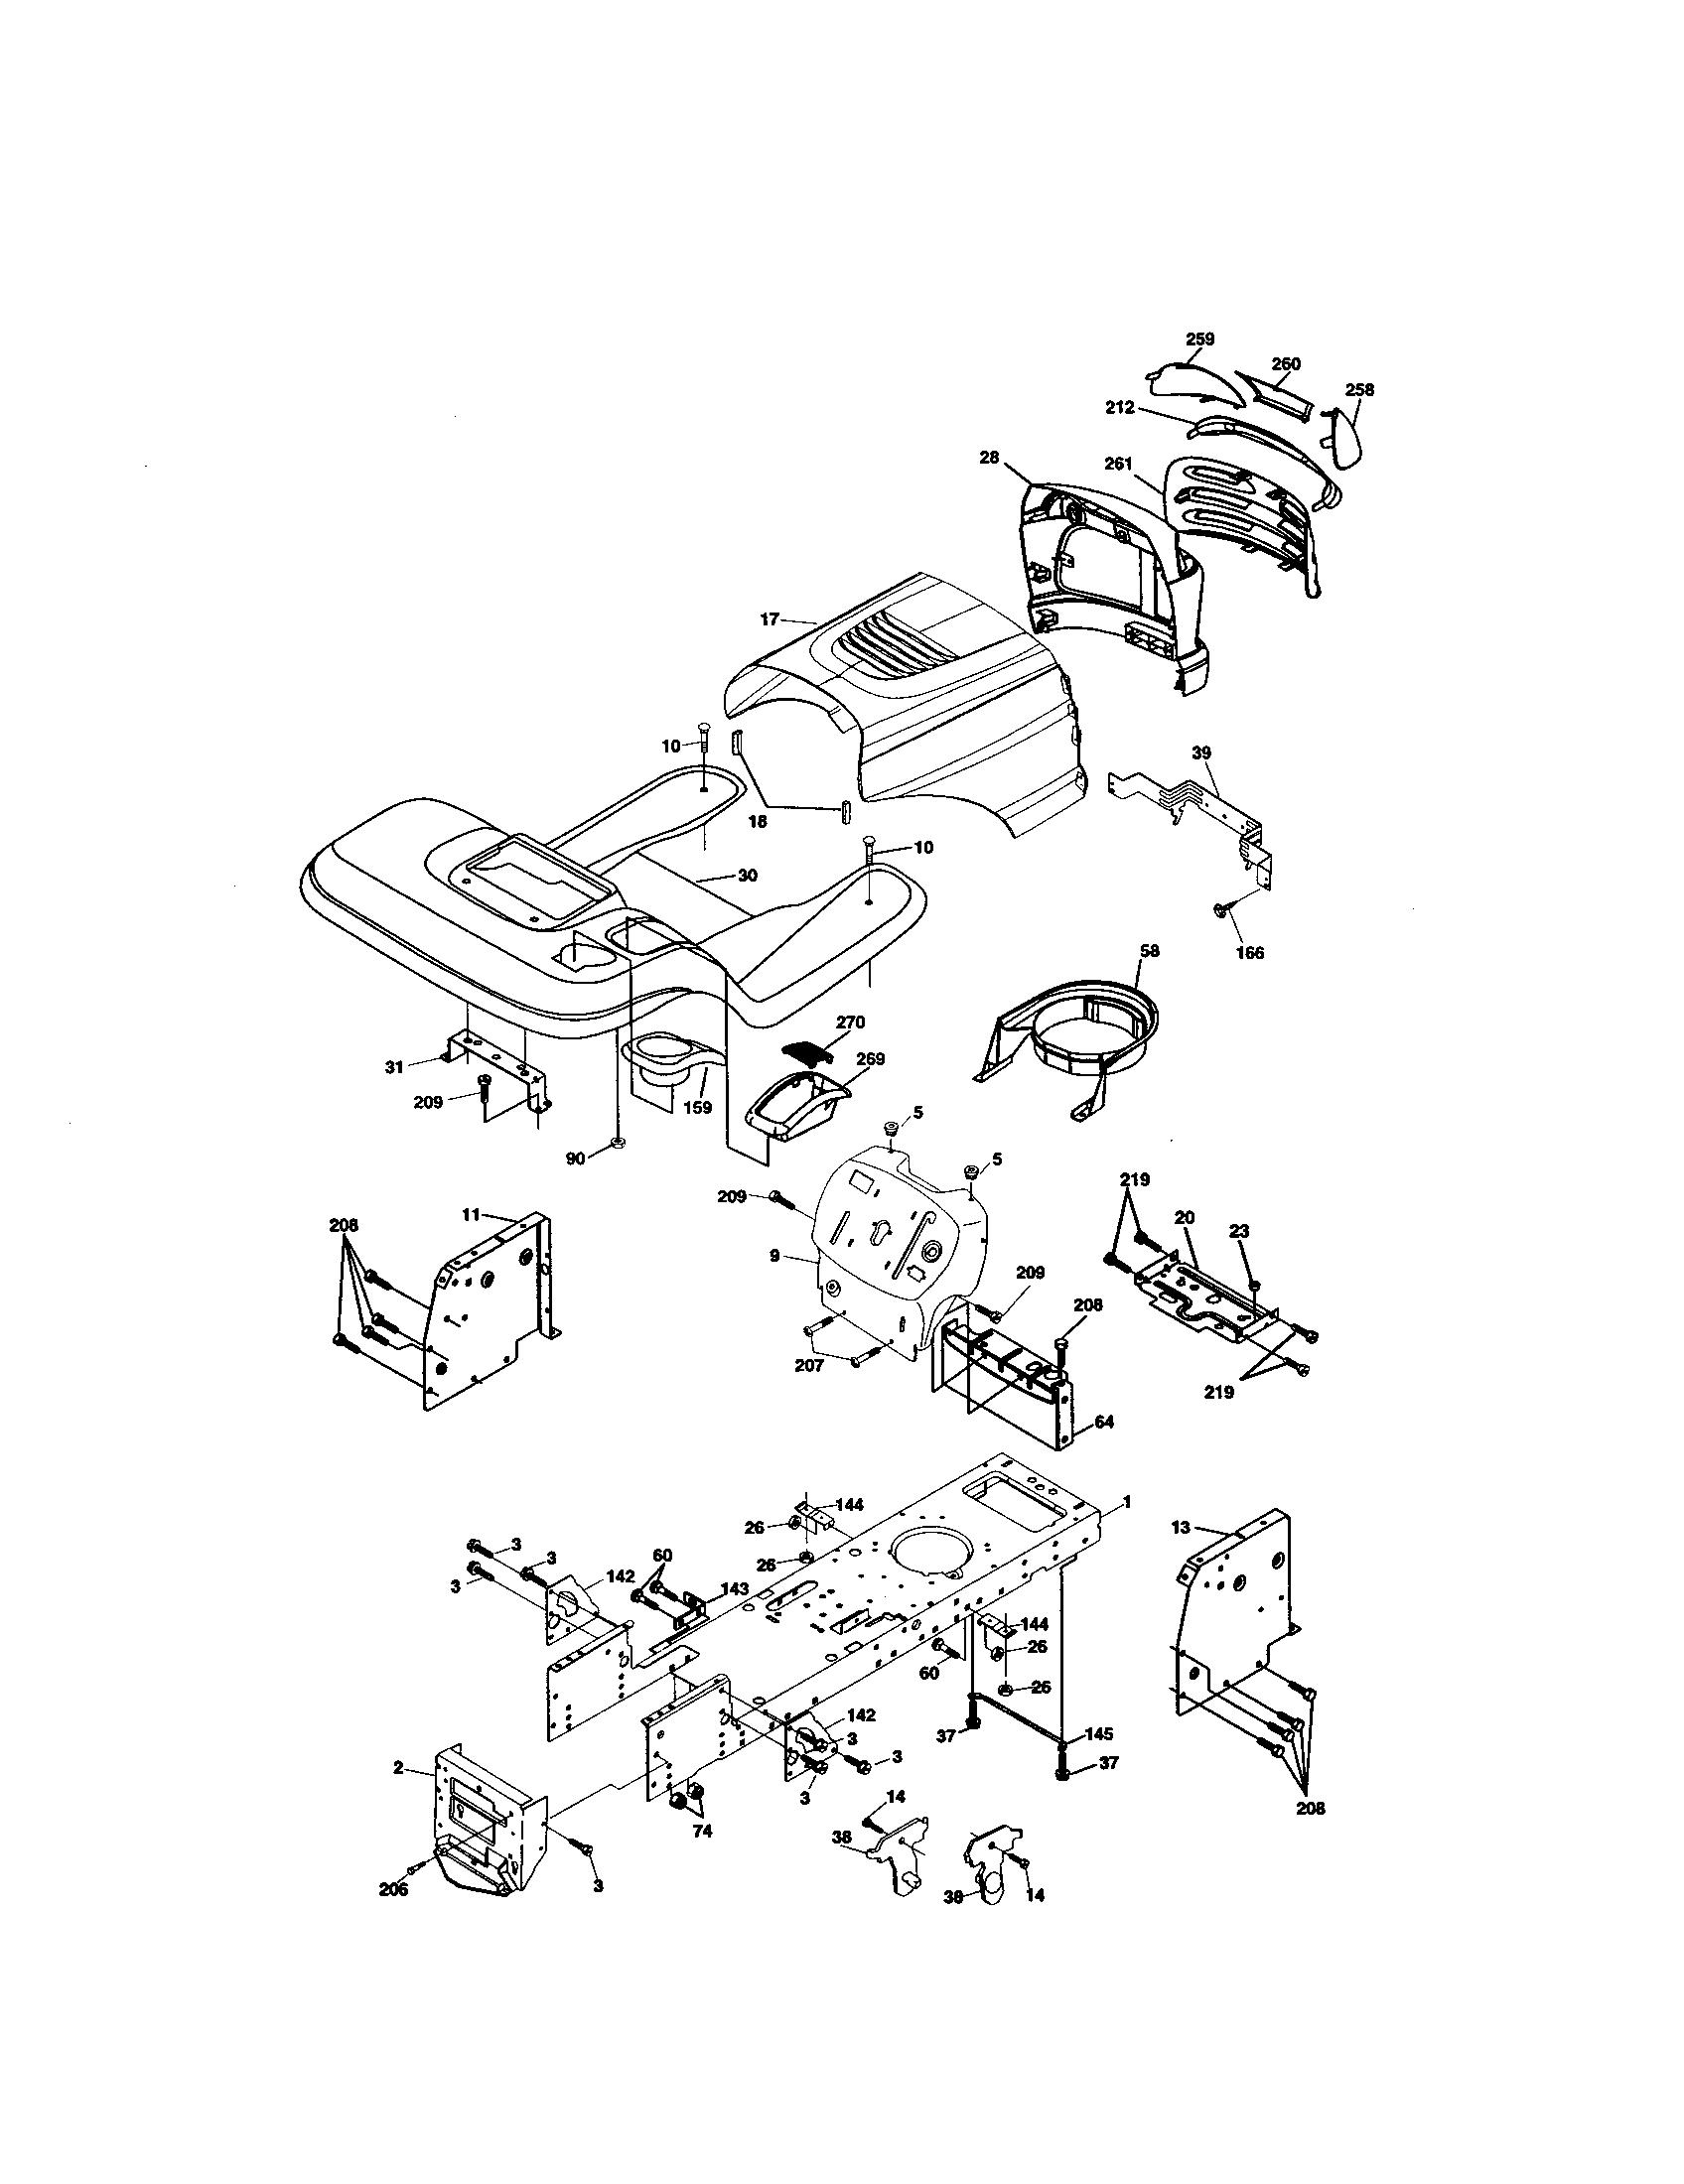 917271080 Crafstman Wiring Diagram,Wiring • Mifinder.co